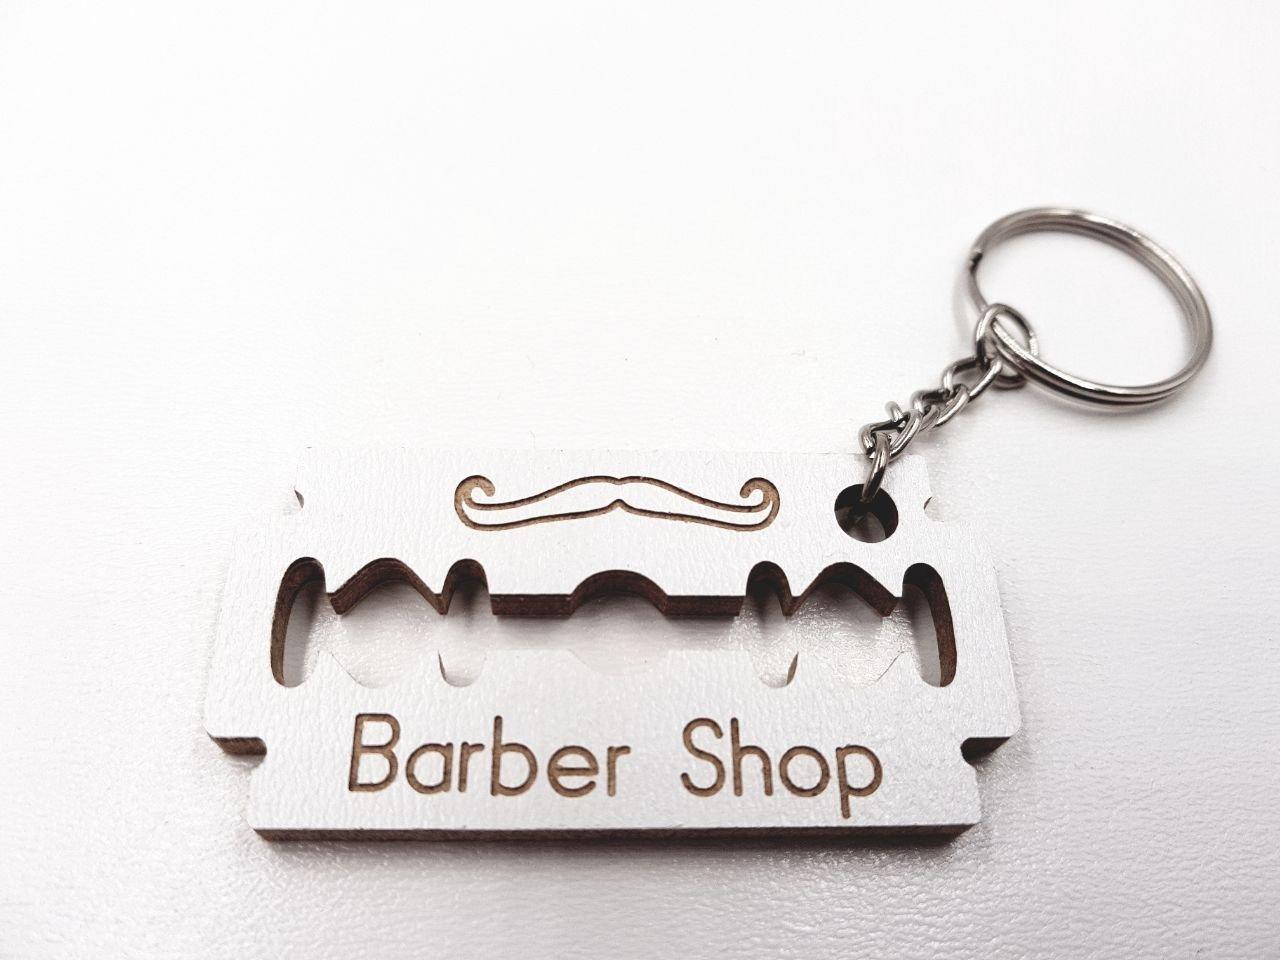 ArtigianeriA - Portachiavi in legno, stile LAMETTA DA BARBA, personalizzabile con il proprio nome o con quello del negozio / bottega di barbiere o parrucchiere per uomo. Realizzato a mano in Italia, rappresenta il gadget ideale da offrire ai clienti vecchi